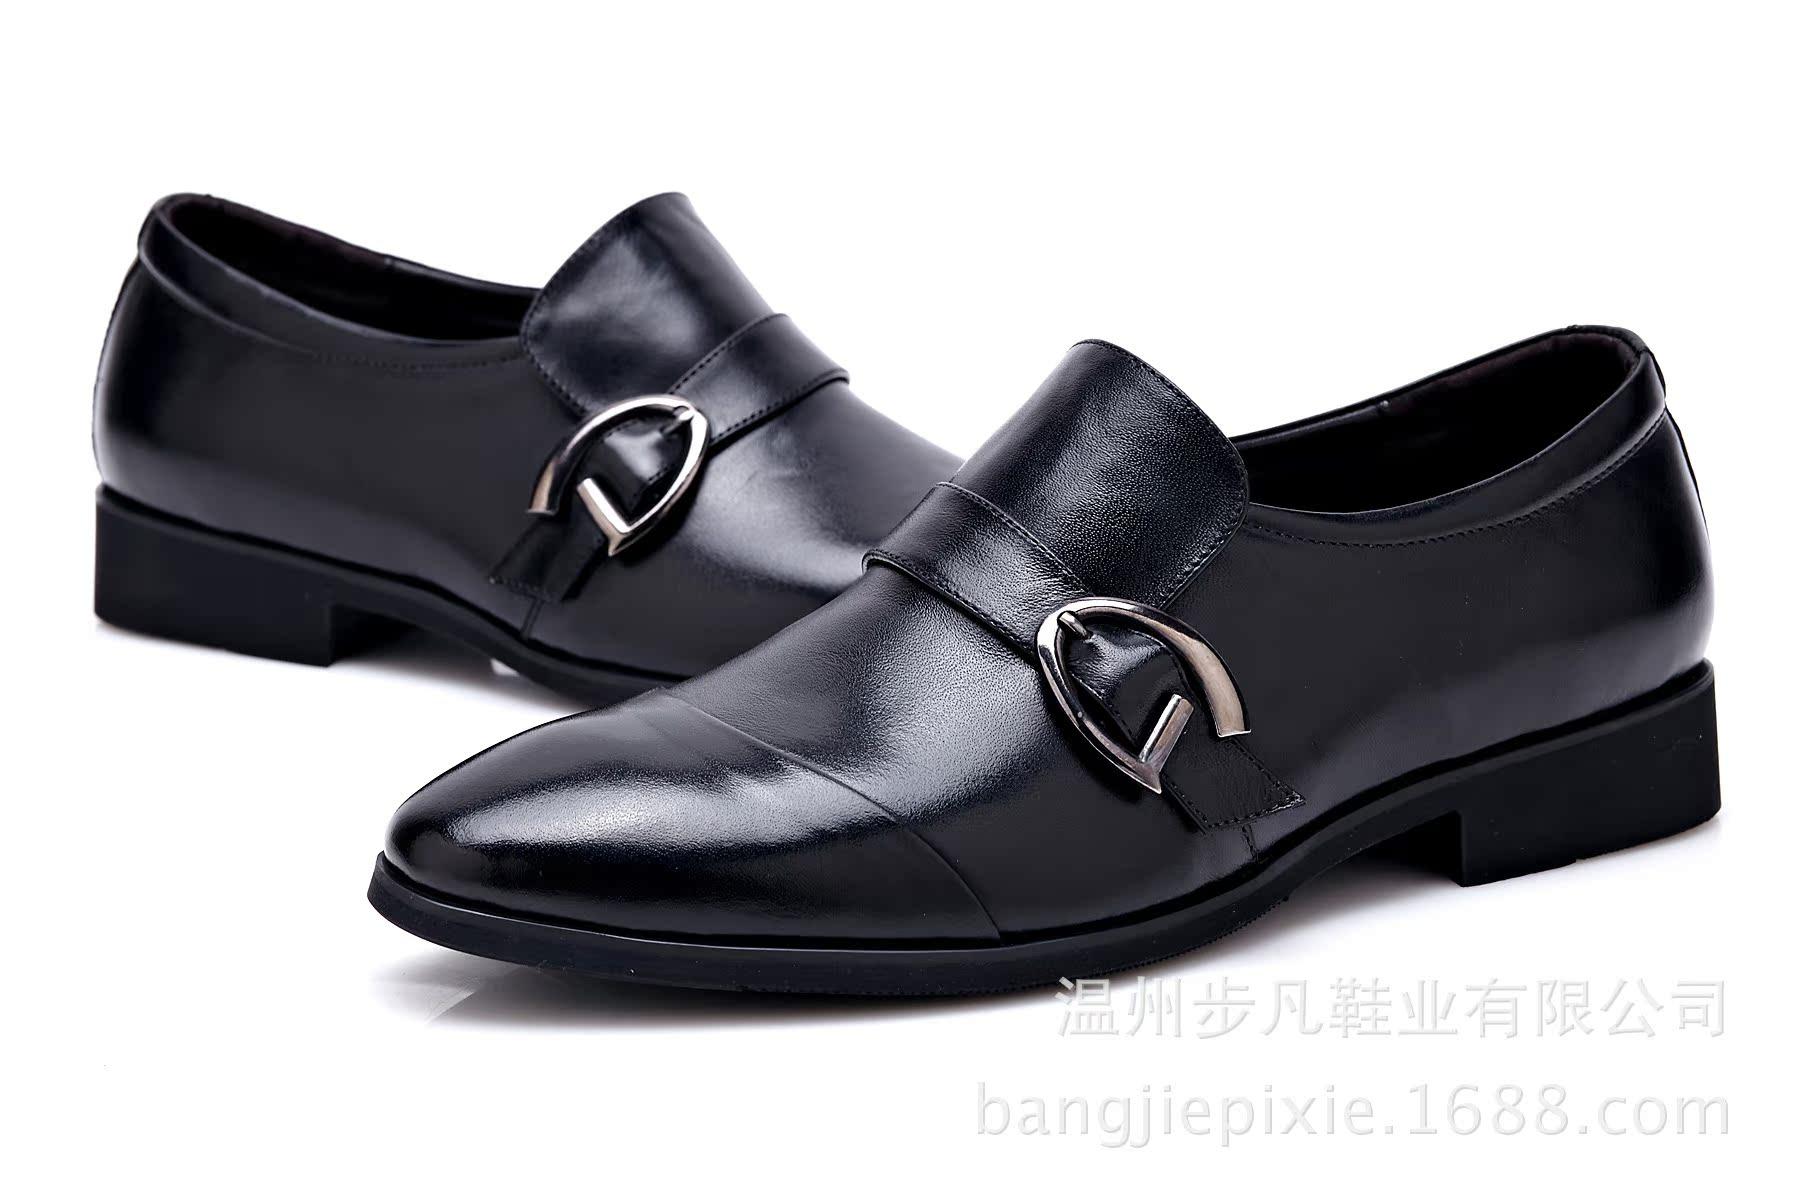 男士英伦皮鞋品牌_承发2014新款男士休闲皮鞋品牌男鞋英伦潮鞋